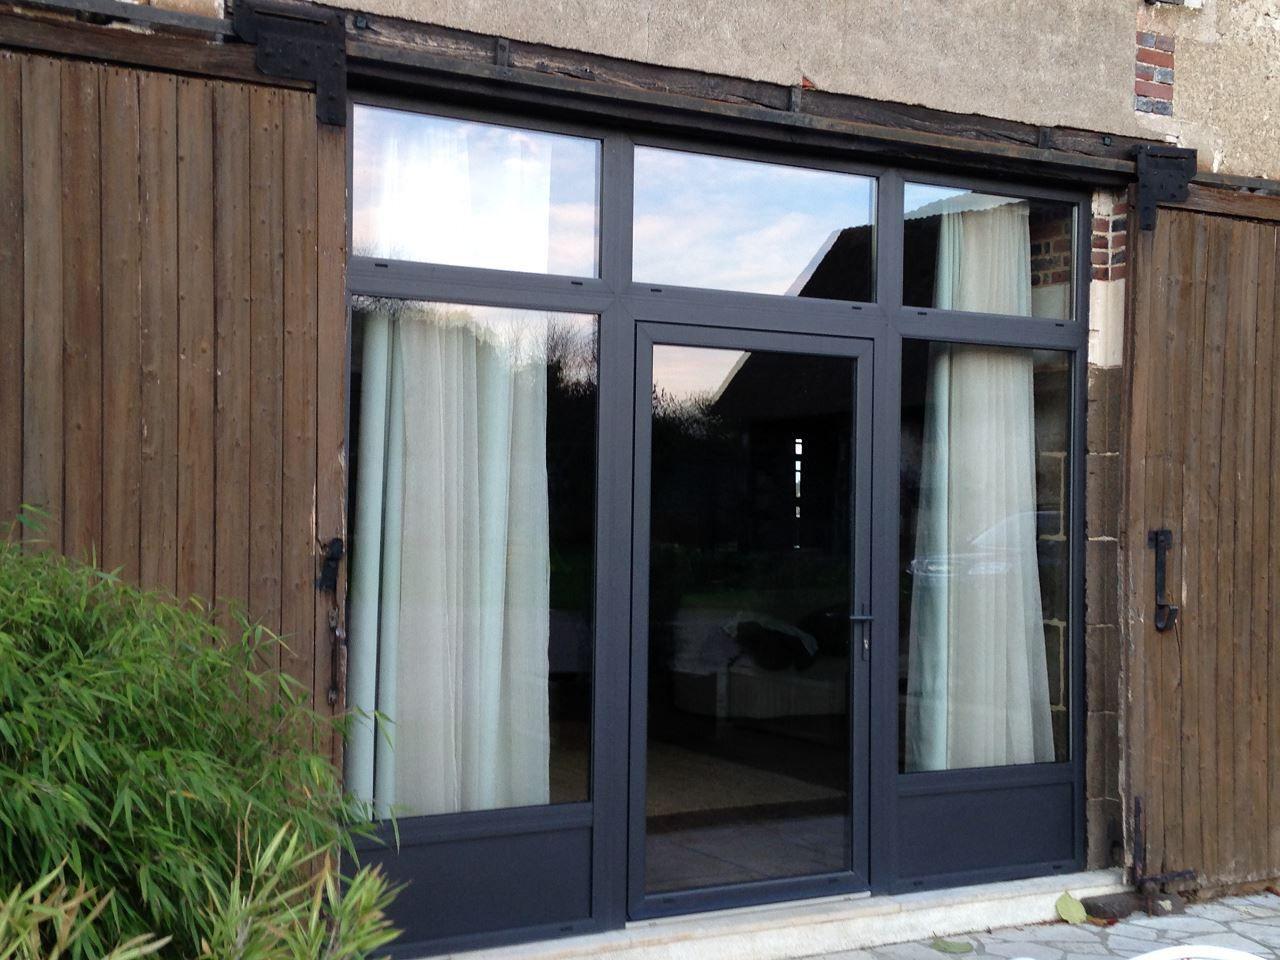 baie vitre grise fentre en aluminium couleur gris. Black Bedroom Furniture Sets. Home Design Ideas